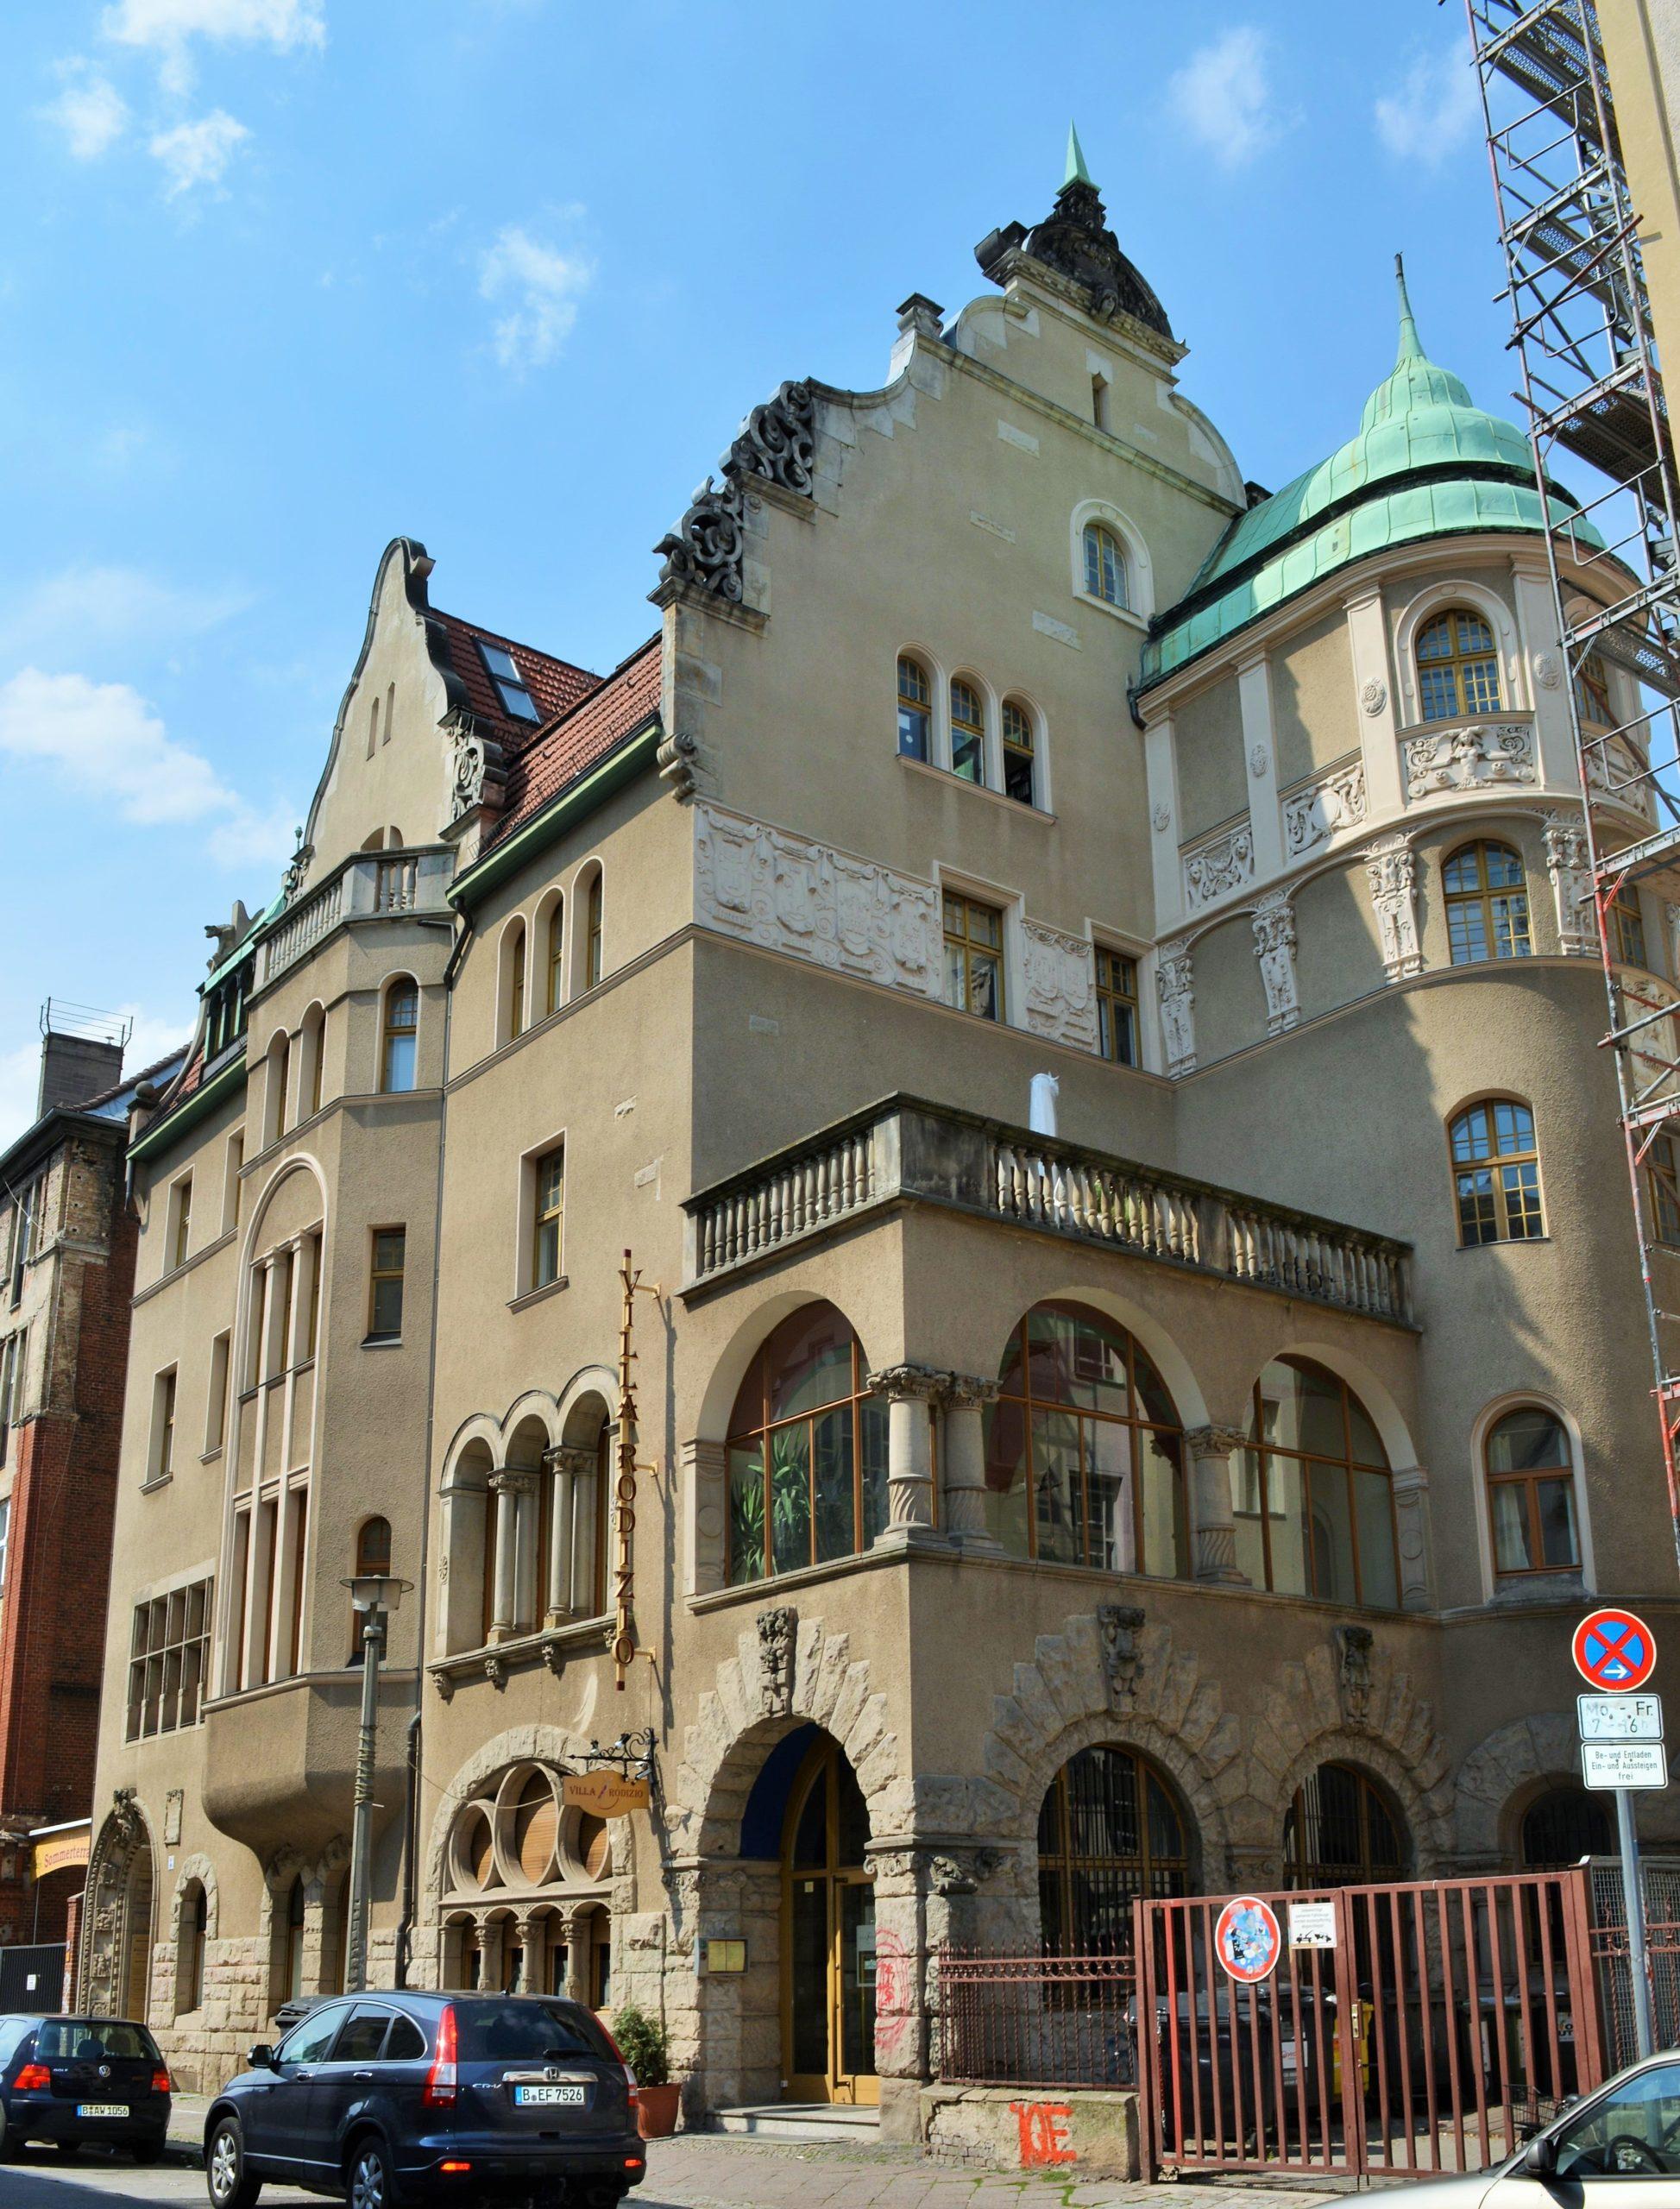 Türmchen, Ornamente und ein asymmetrischer Grundriss machen die Villa Groterjan zu einem der wichtigsten Jugendstil-Bauwerke in Berlin. Foto: Kvikk/Wikimedia Commos/CC BY-SA 4.0